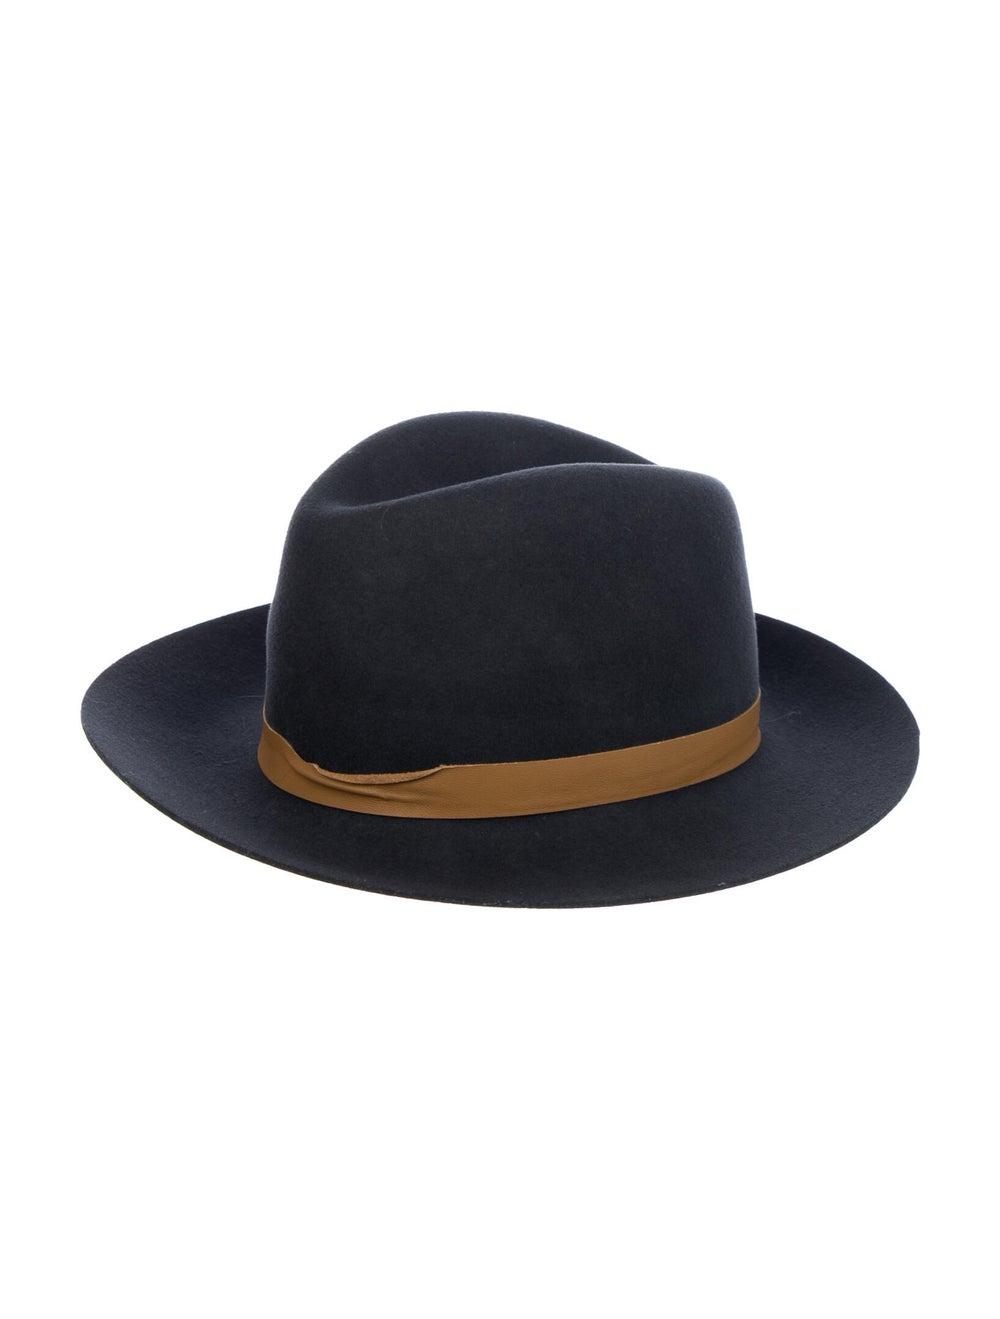 Janessa Leone Wide Brim Hat Grey - image 1